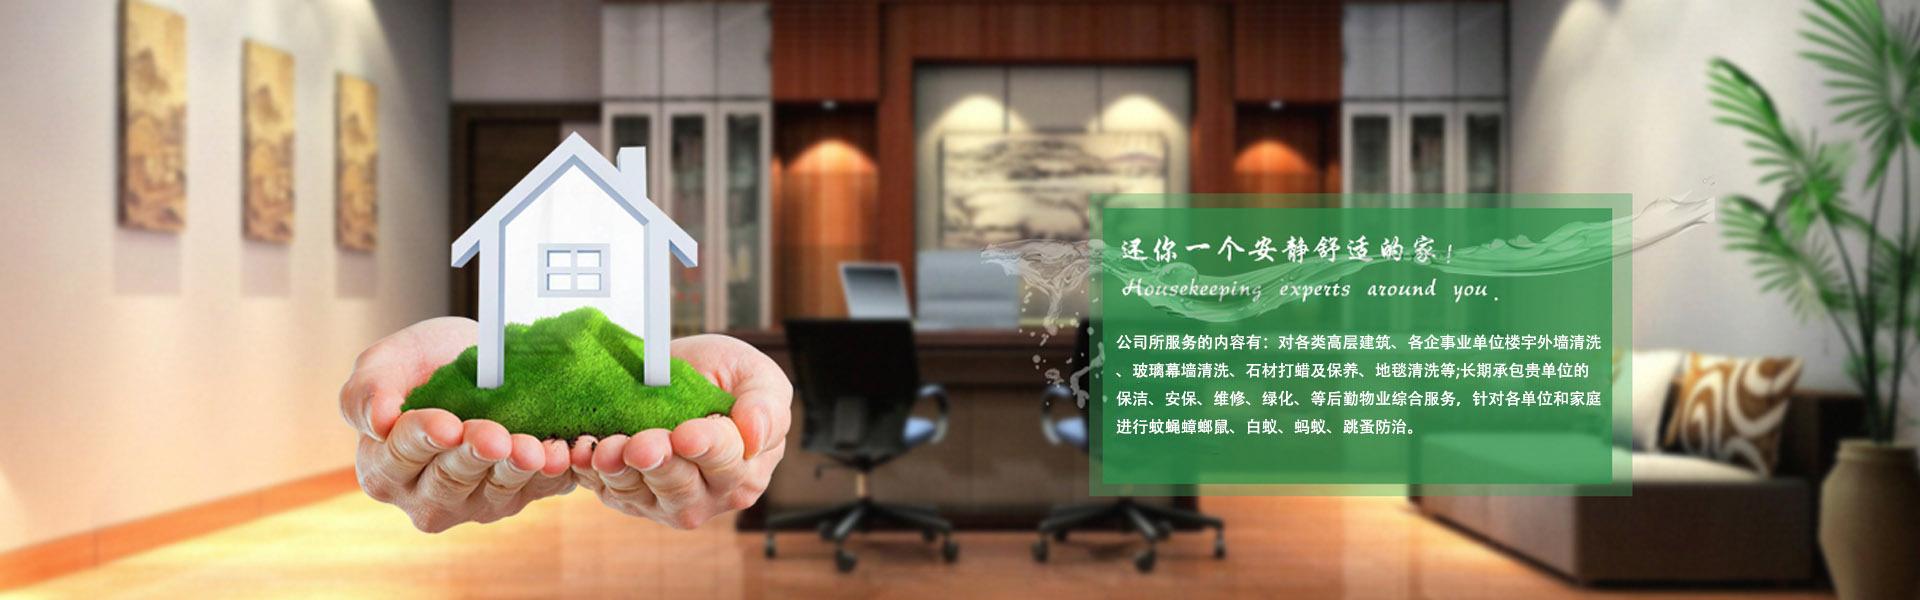 武汉家清物业网站首页形象图-还您一个舒适的家